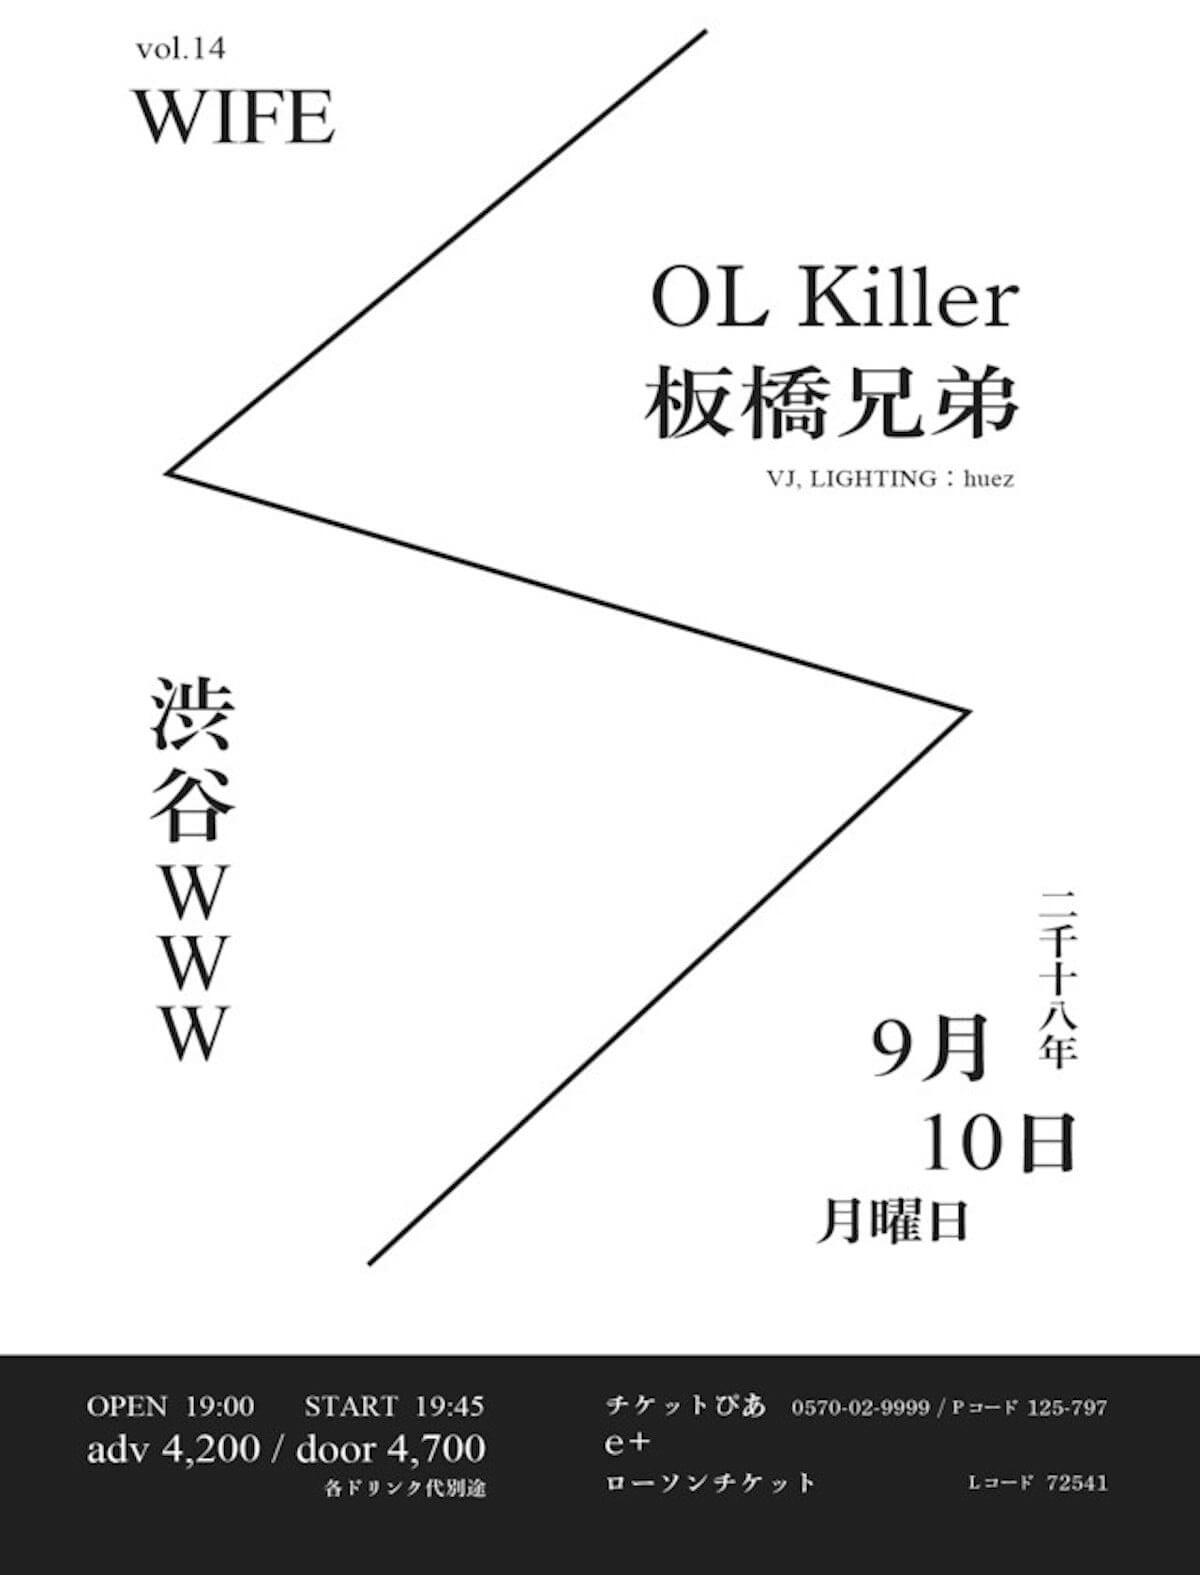 9月10日に開催されるOL Killerの自主企画イベントに板橋兄弟が登場|VJはhuez music180831-olkiller-3-1200x1575